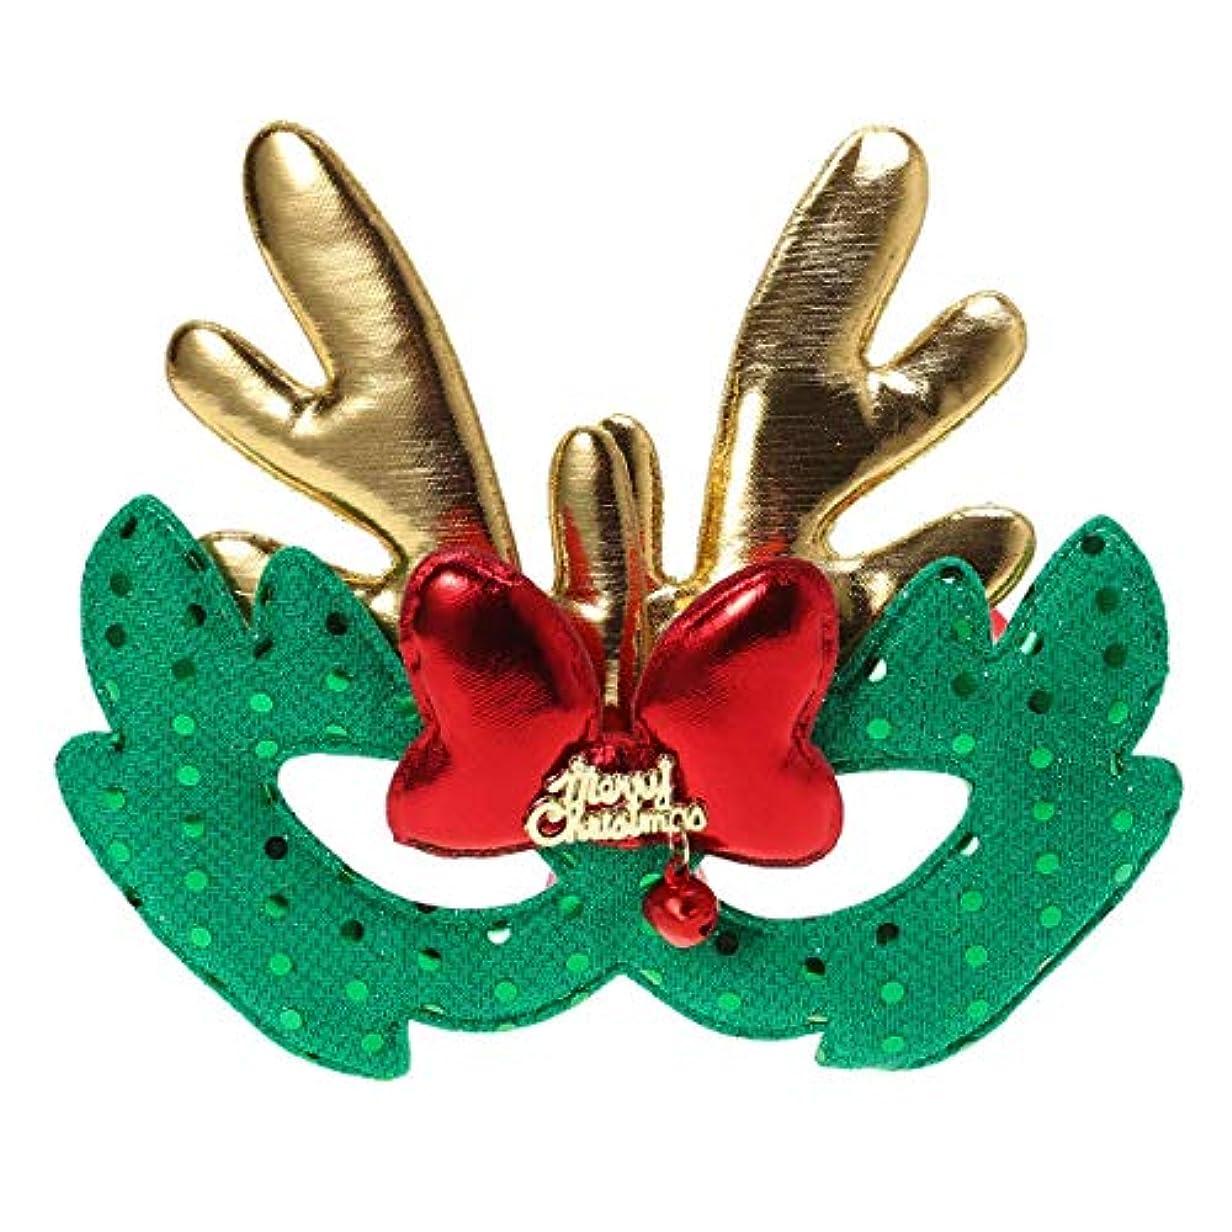 森歩道防水BESTOYARD エルククリスマスコスチュームマスク布マスク子供大人コスプレクリスマスパーティーグリーン